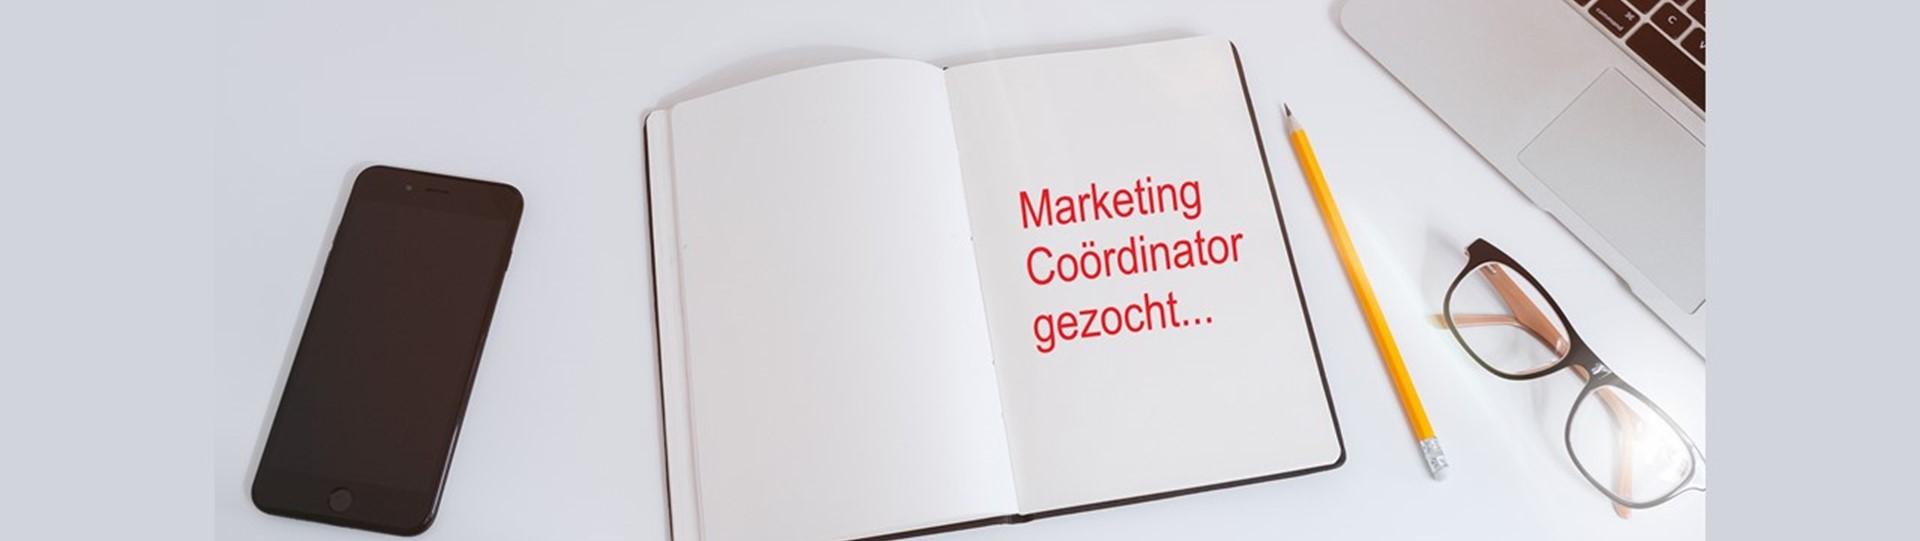 Marketing Coördinator gezocht